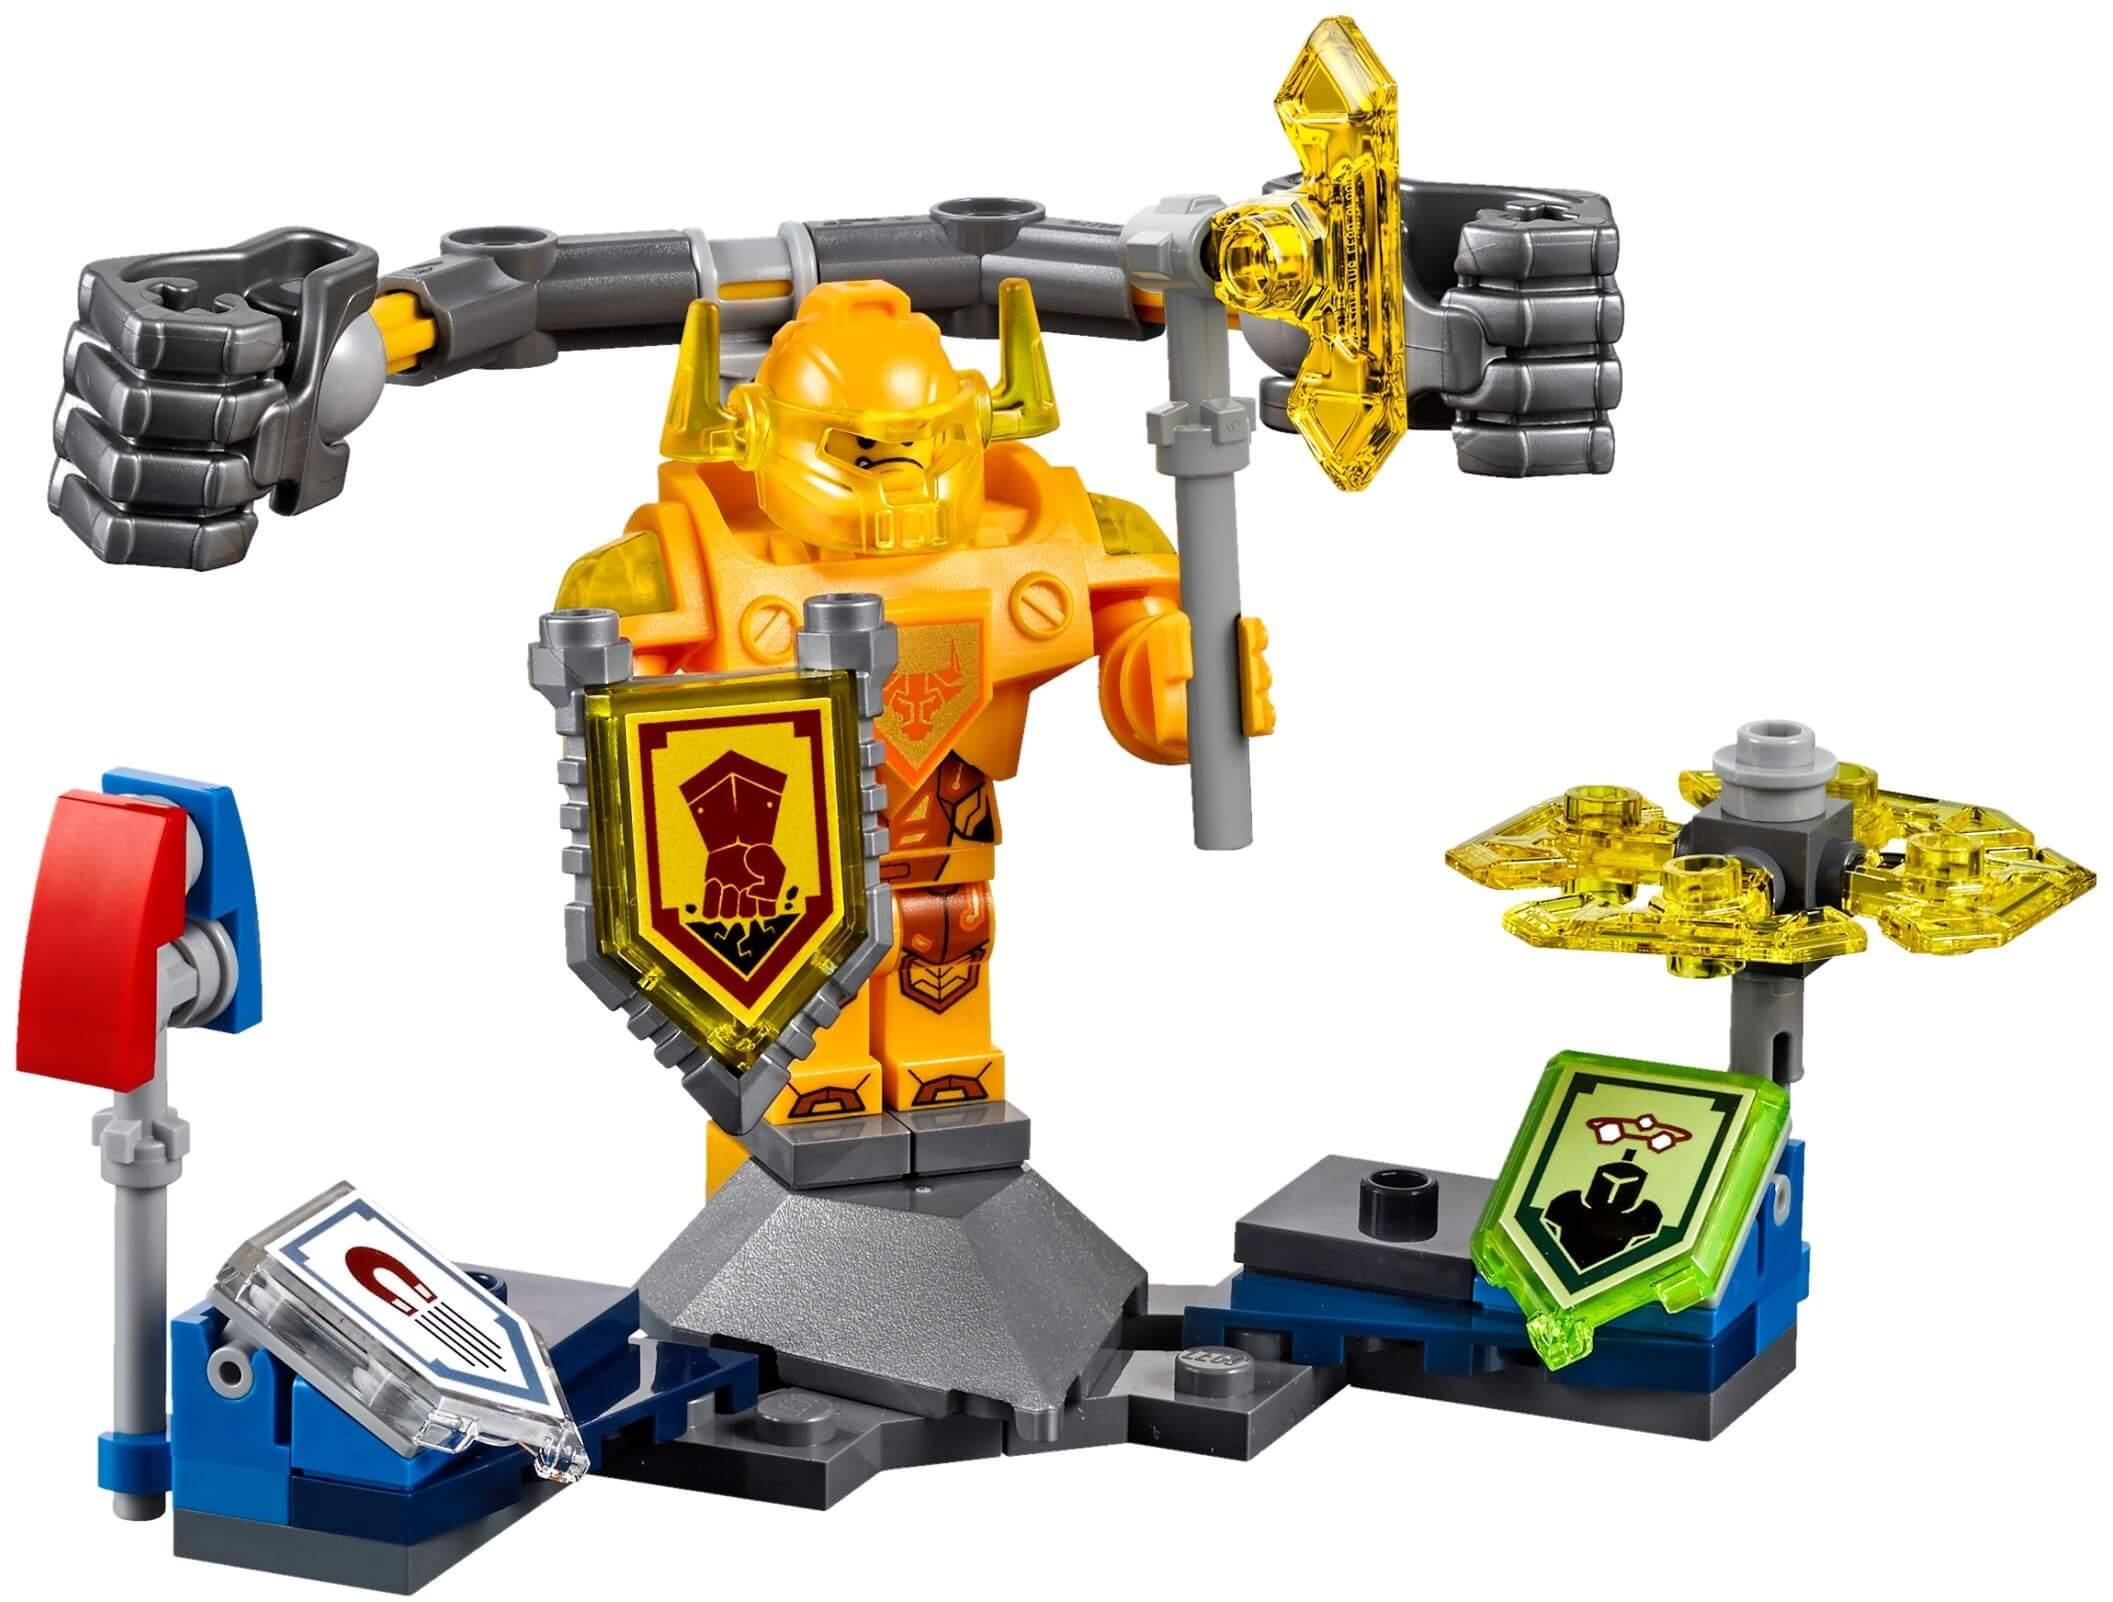 Mua đồ chơi LEGO 70336 - LEGO Nexo Knights 70336 - Hiệp Sĩ Axl Hùng Mạnh (LEGO Nexo Knights Ultimate Axl 70336)